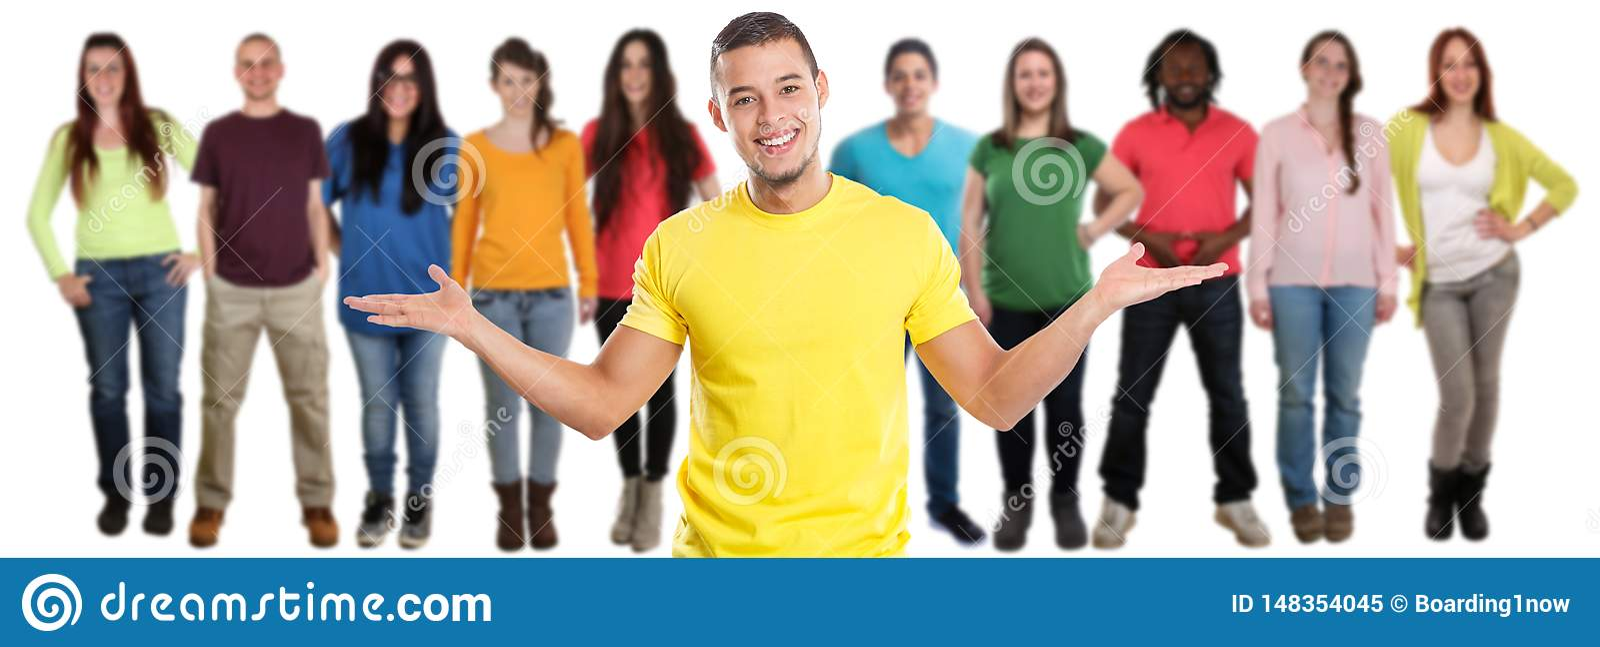 Gruppe von Social Media-Latein Latino der jungen Leute der Freunde lokalisiert auf Weiß